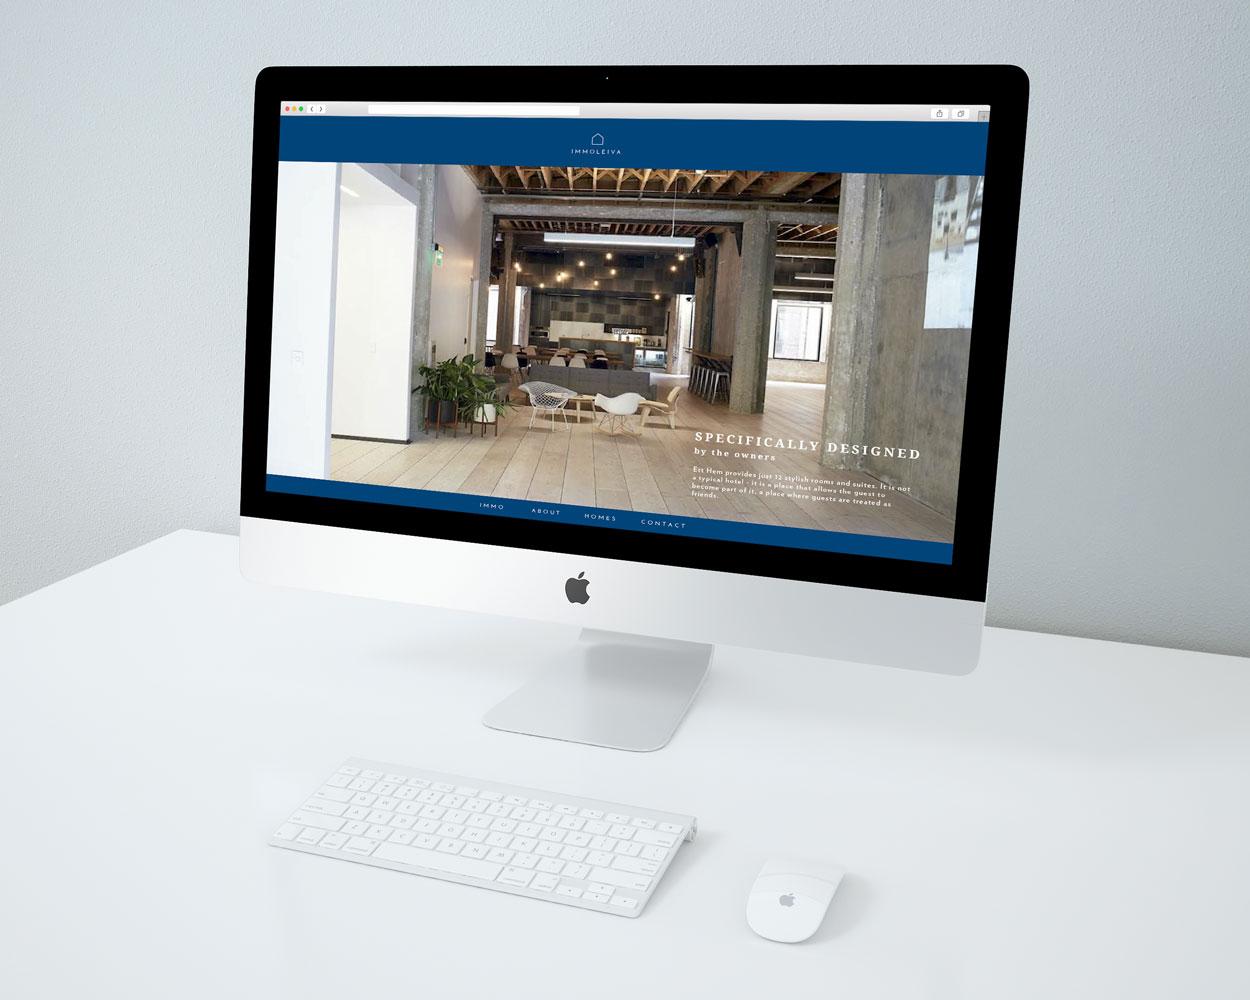 Desde KUINI Estudio de diseño gráfico en Alicante hemos realizado la pagina web y la imagen corporativa de Immoleiva, dedicada al sector immoviliario.